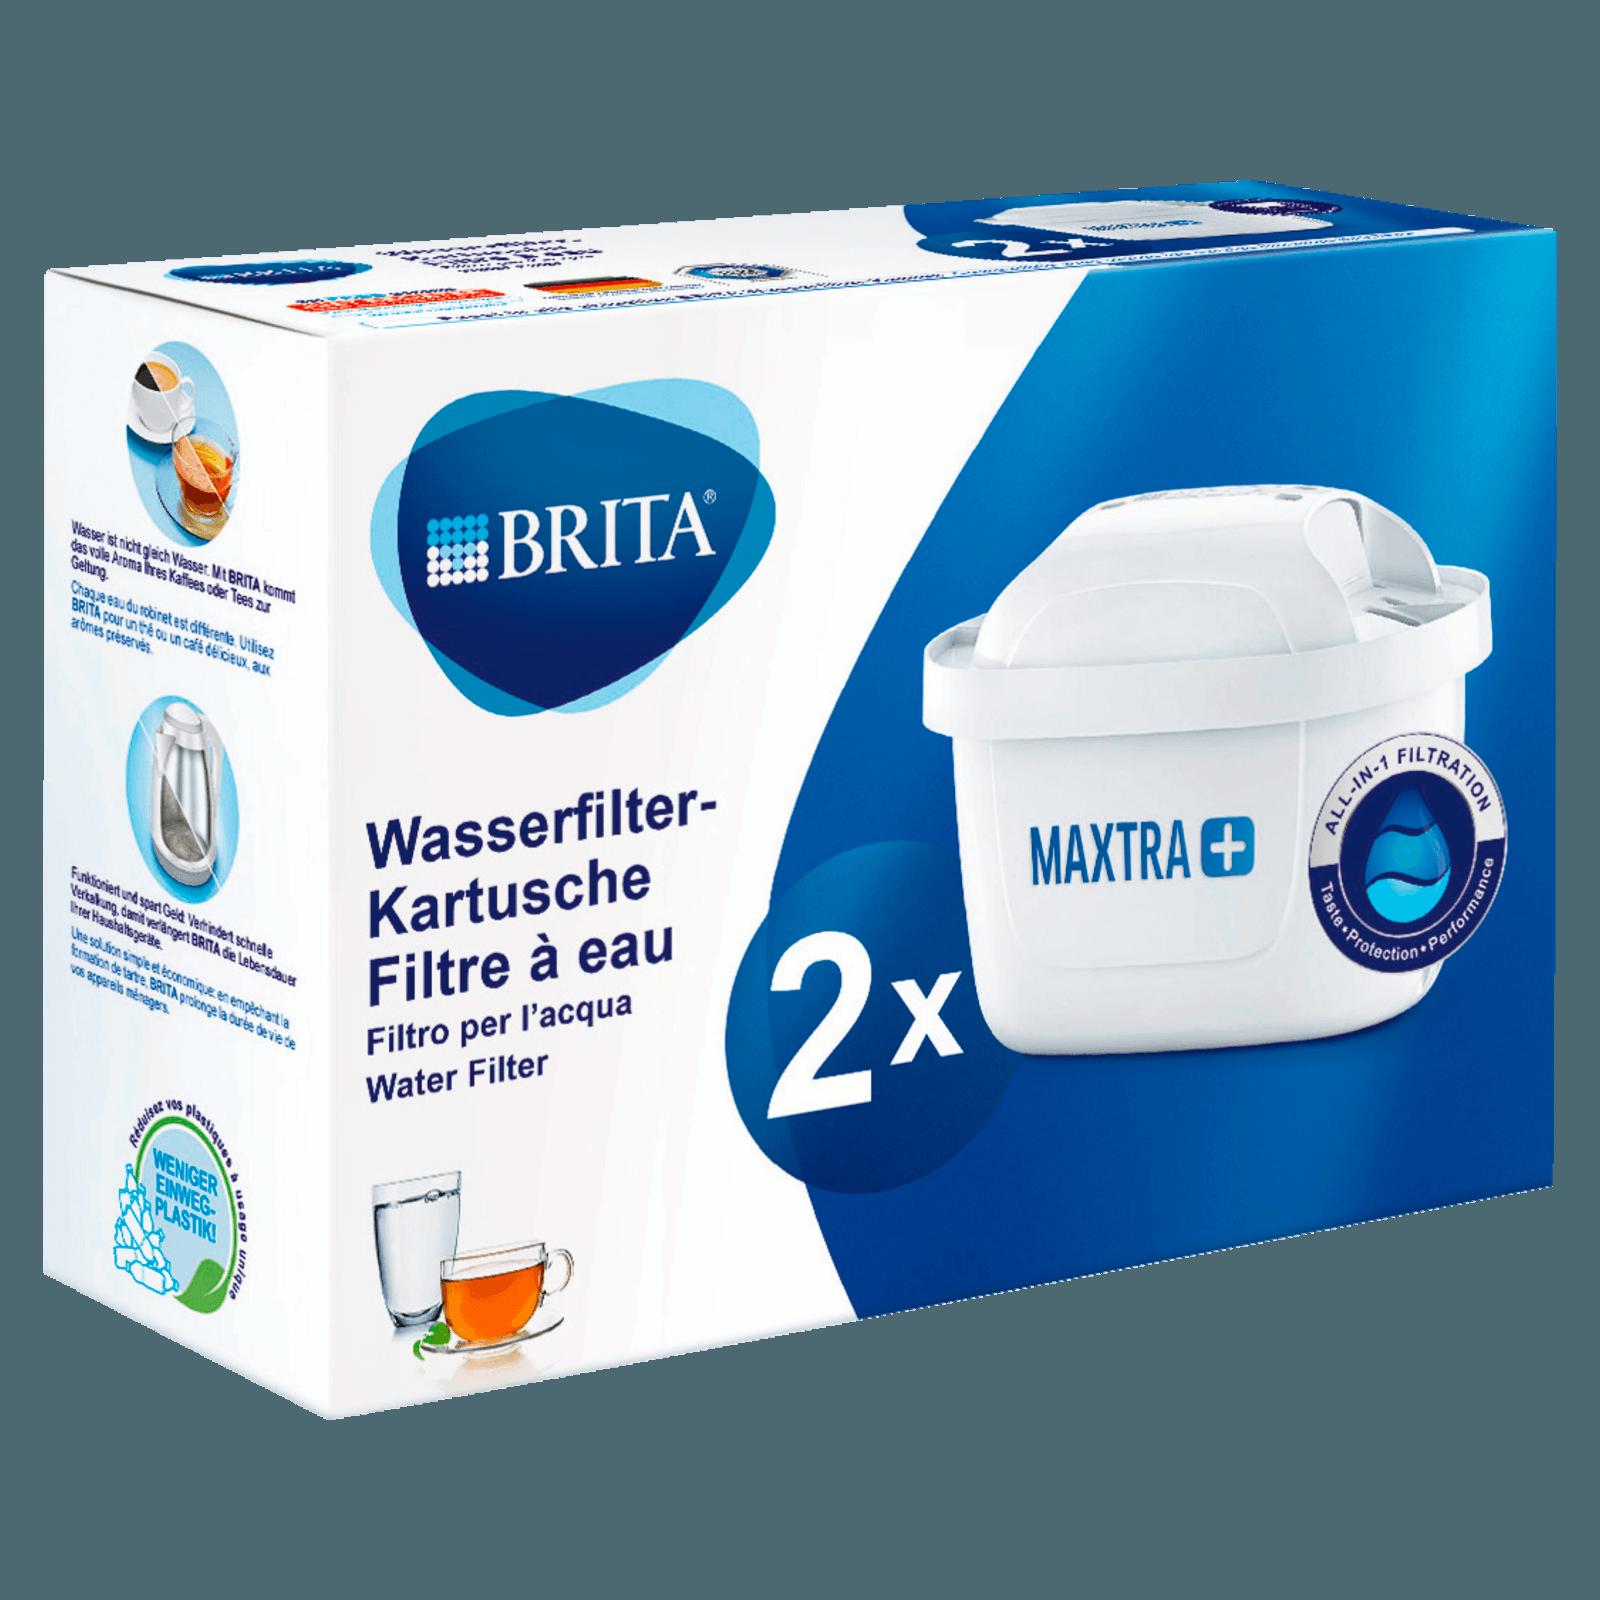 Brita Filterkartuschen 2 Stück